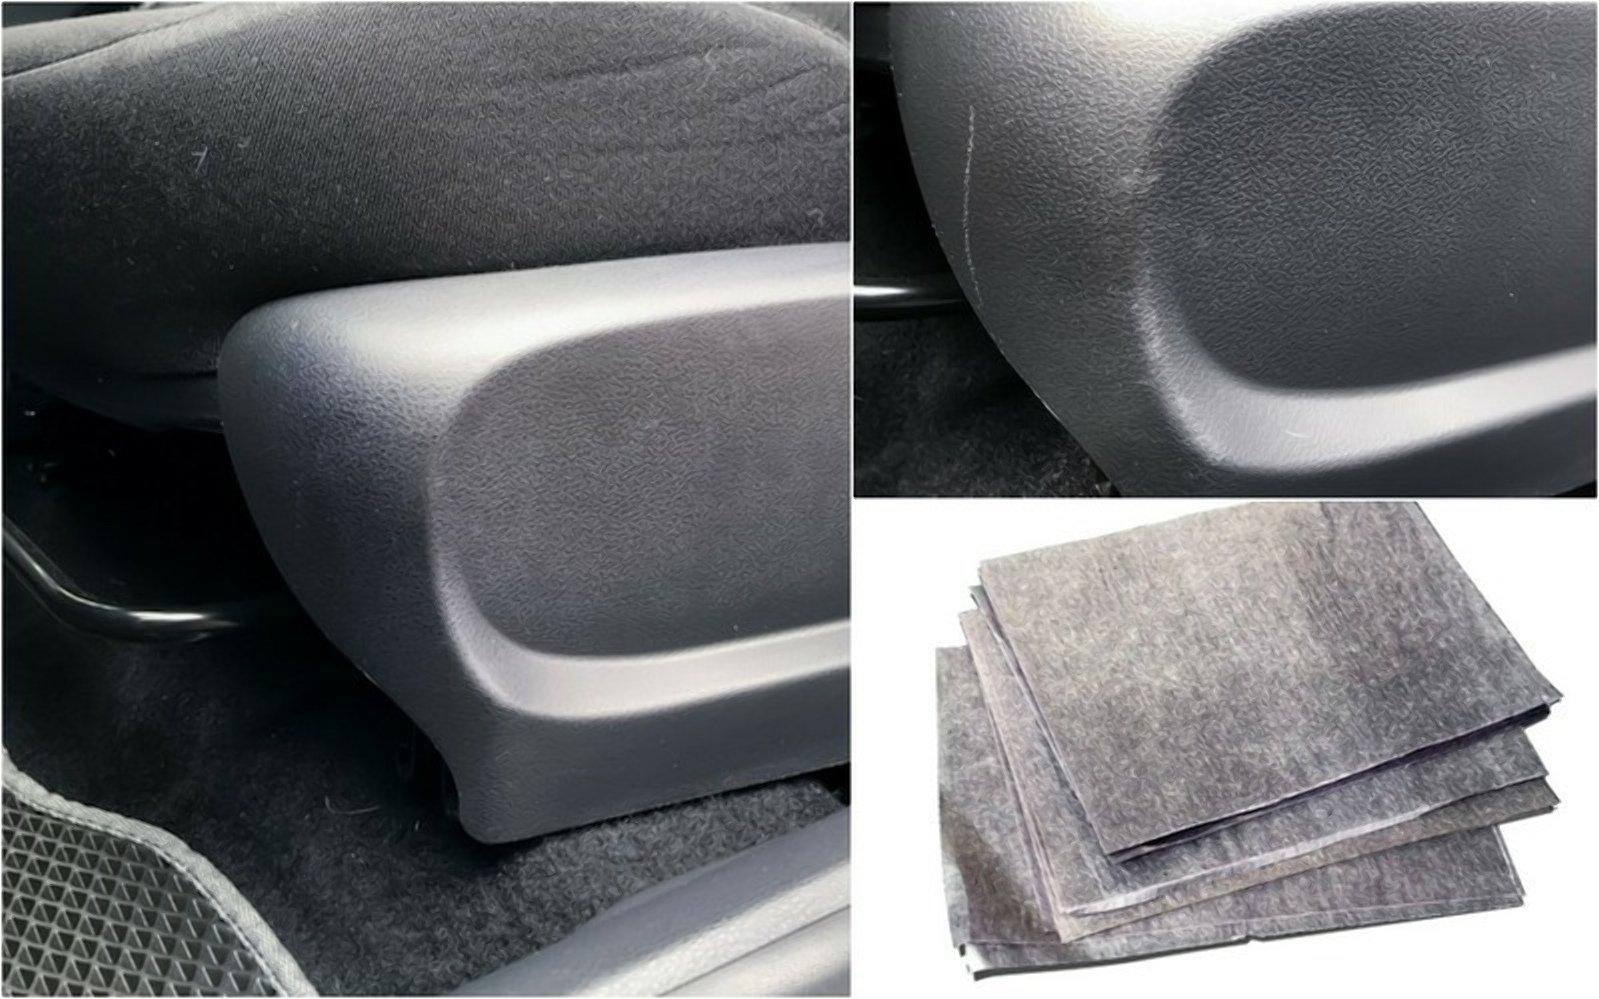 Лайфхак: як просто прибрати подряпини з пластика в салоні авто